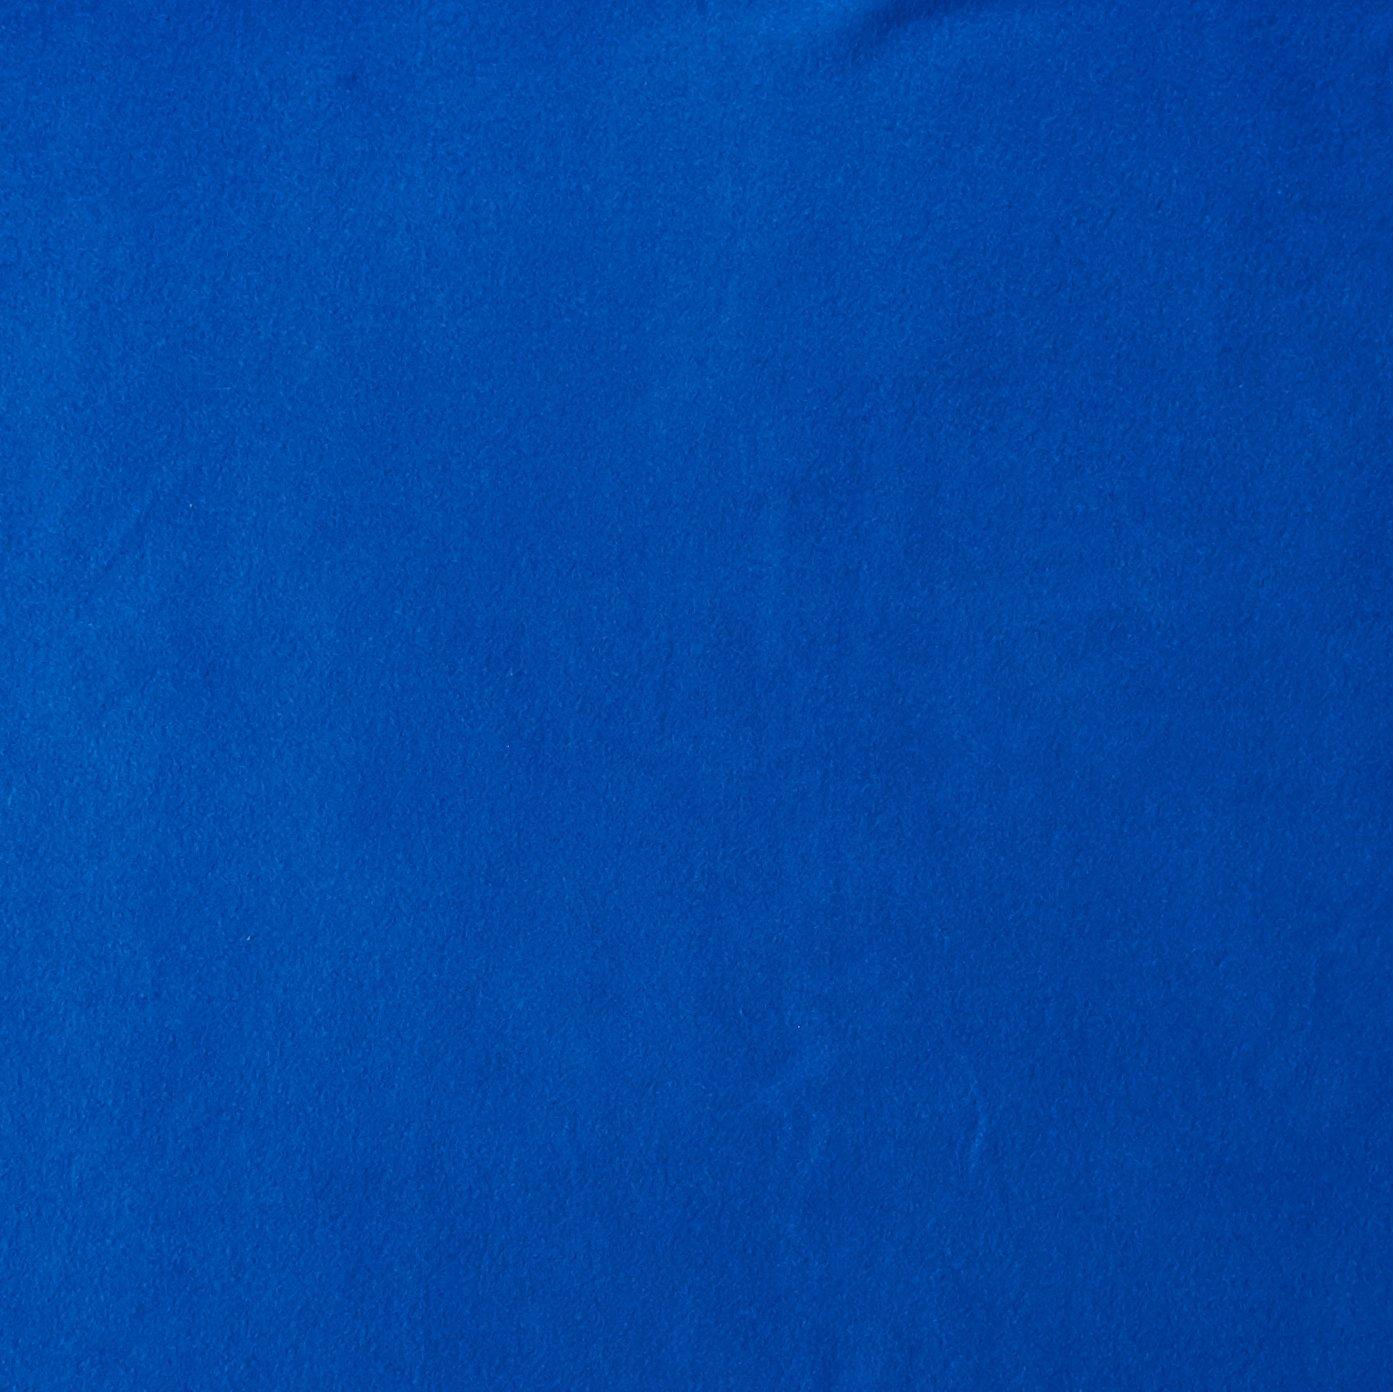 Great Eastern Sonic The Hedgehog GE-34020 Sonic Head Hoodie Blanket 57'' x 41'' by Great Eastern (Image #2)